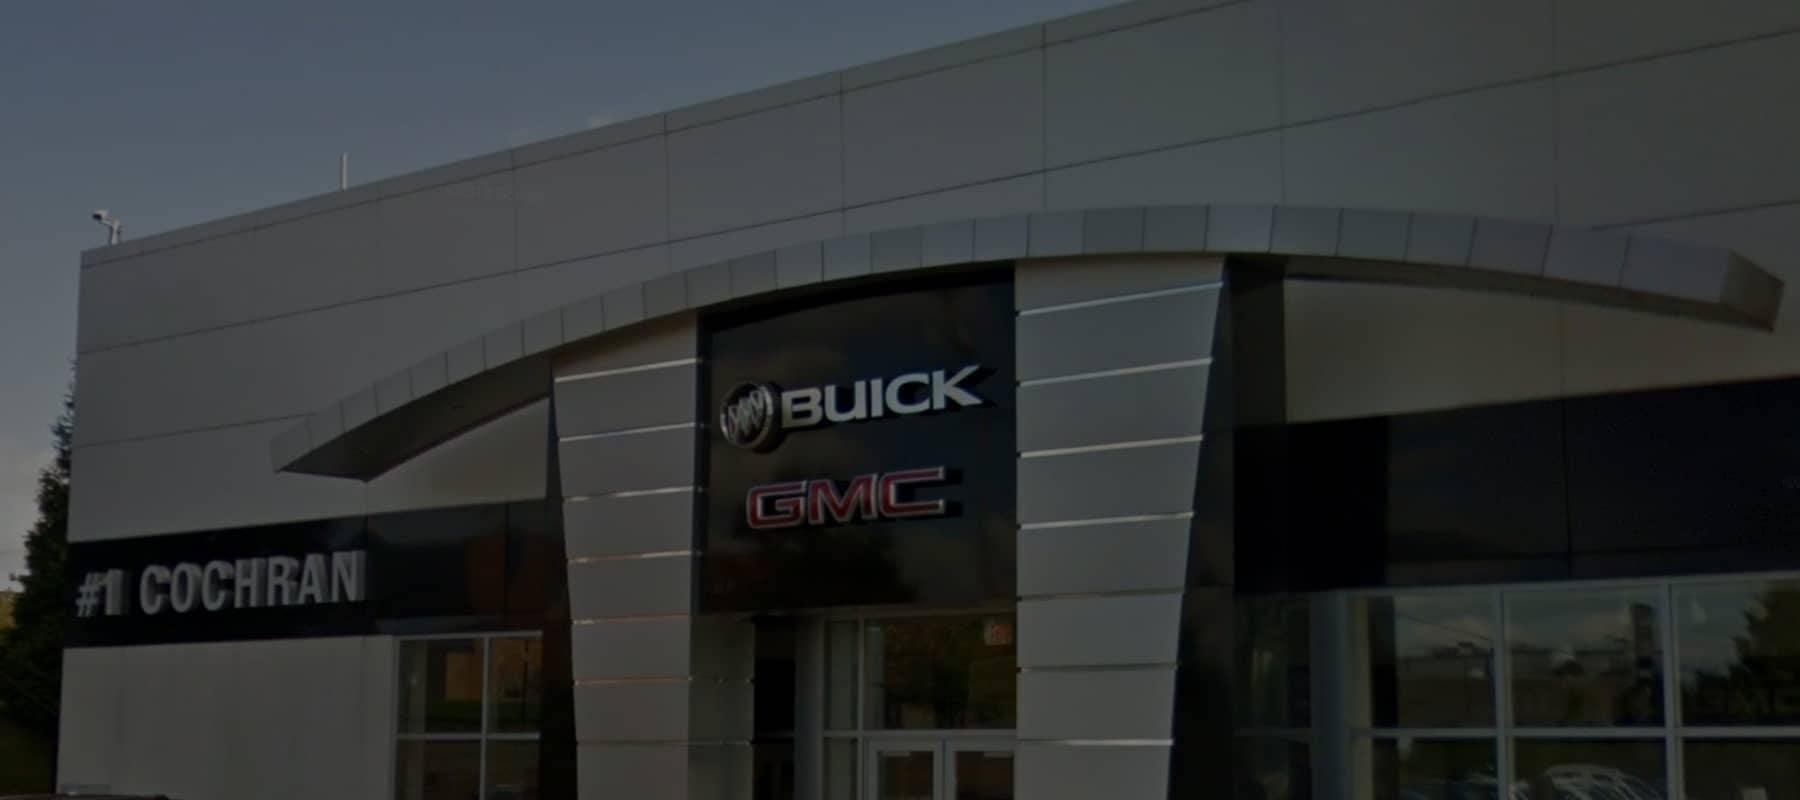 An exterior shot of a Buick/GMC dealership building